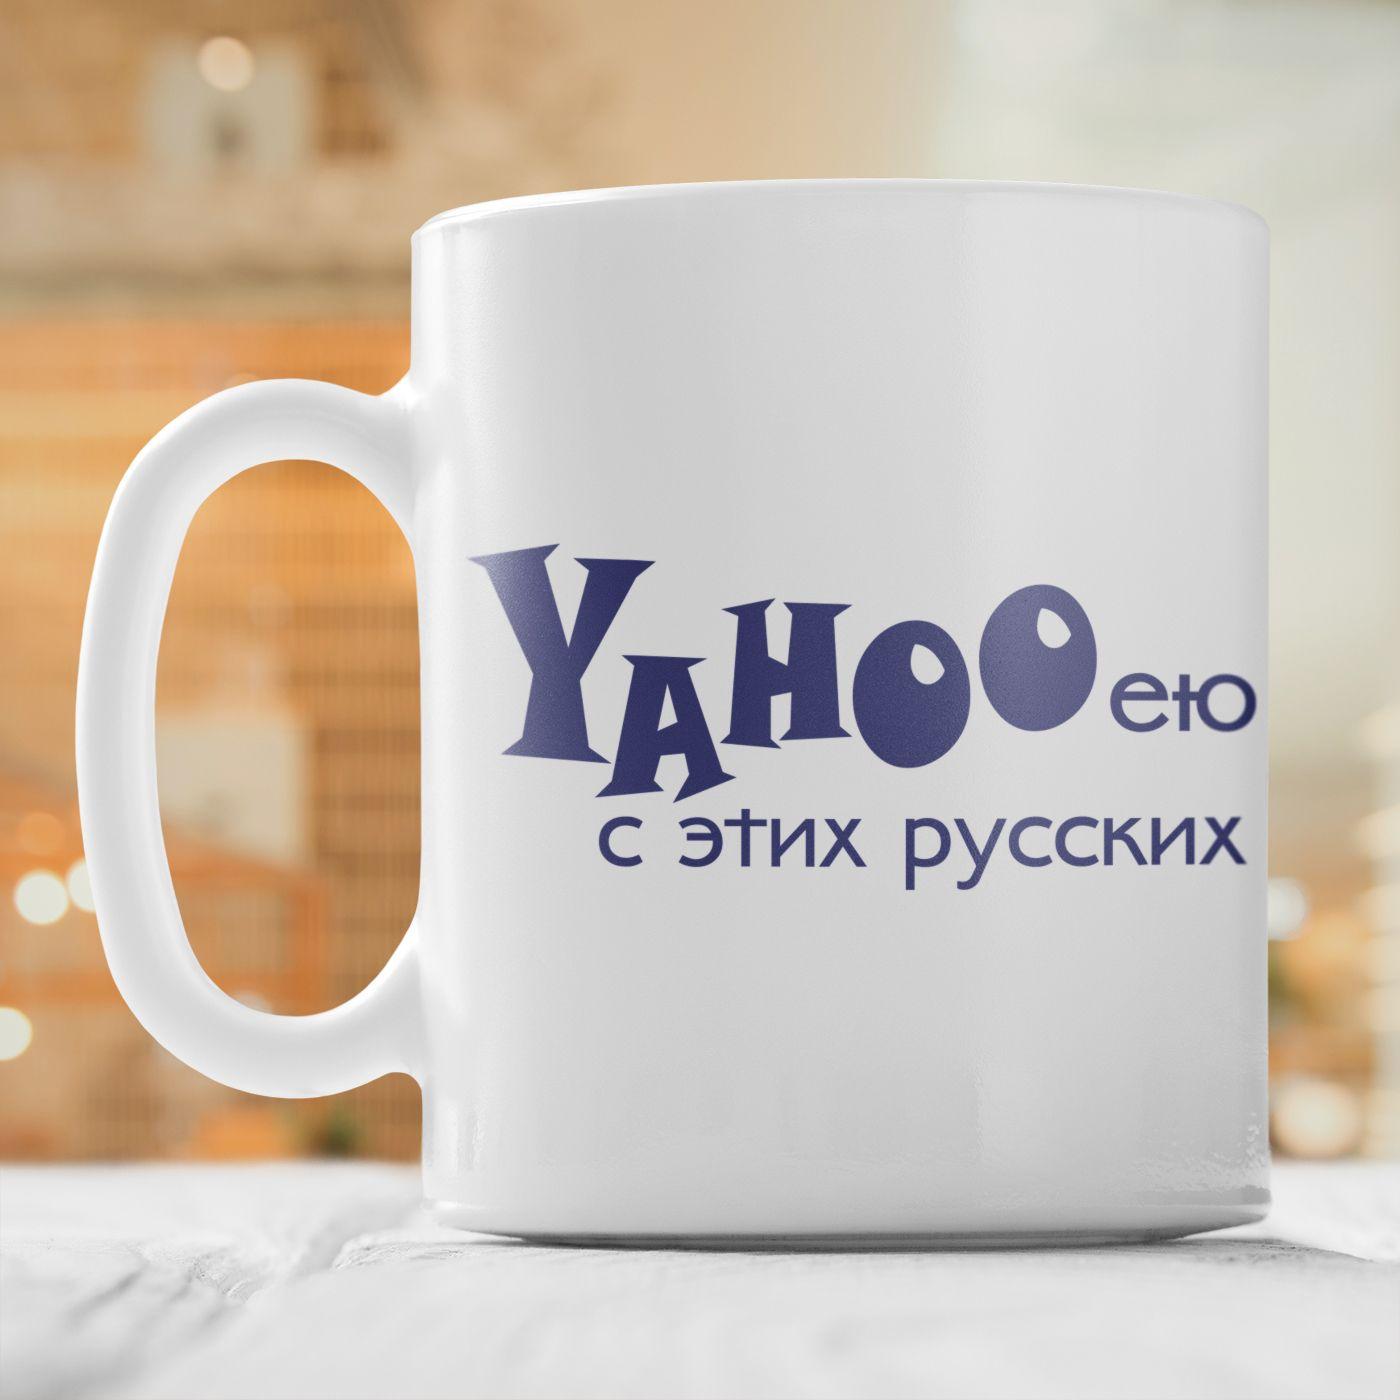 Кружка *Yahooею с этих русских*